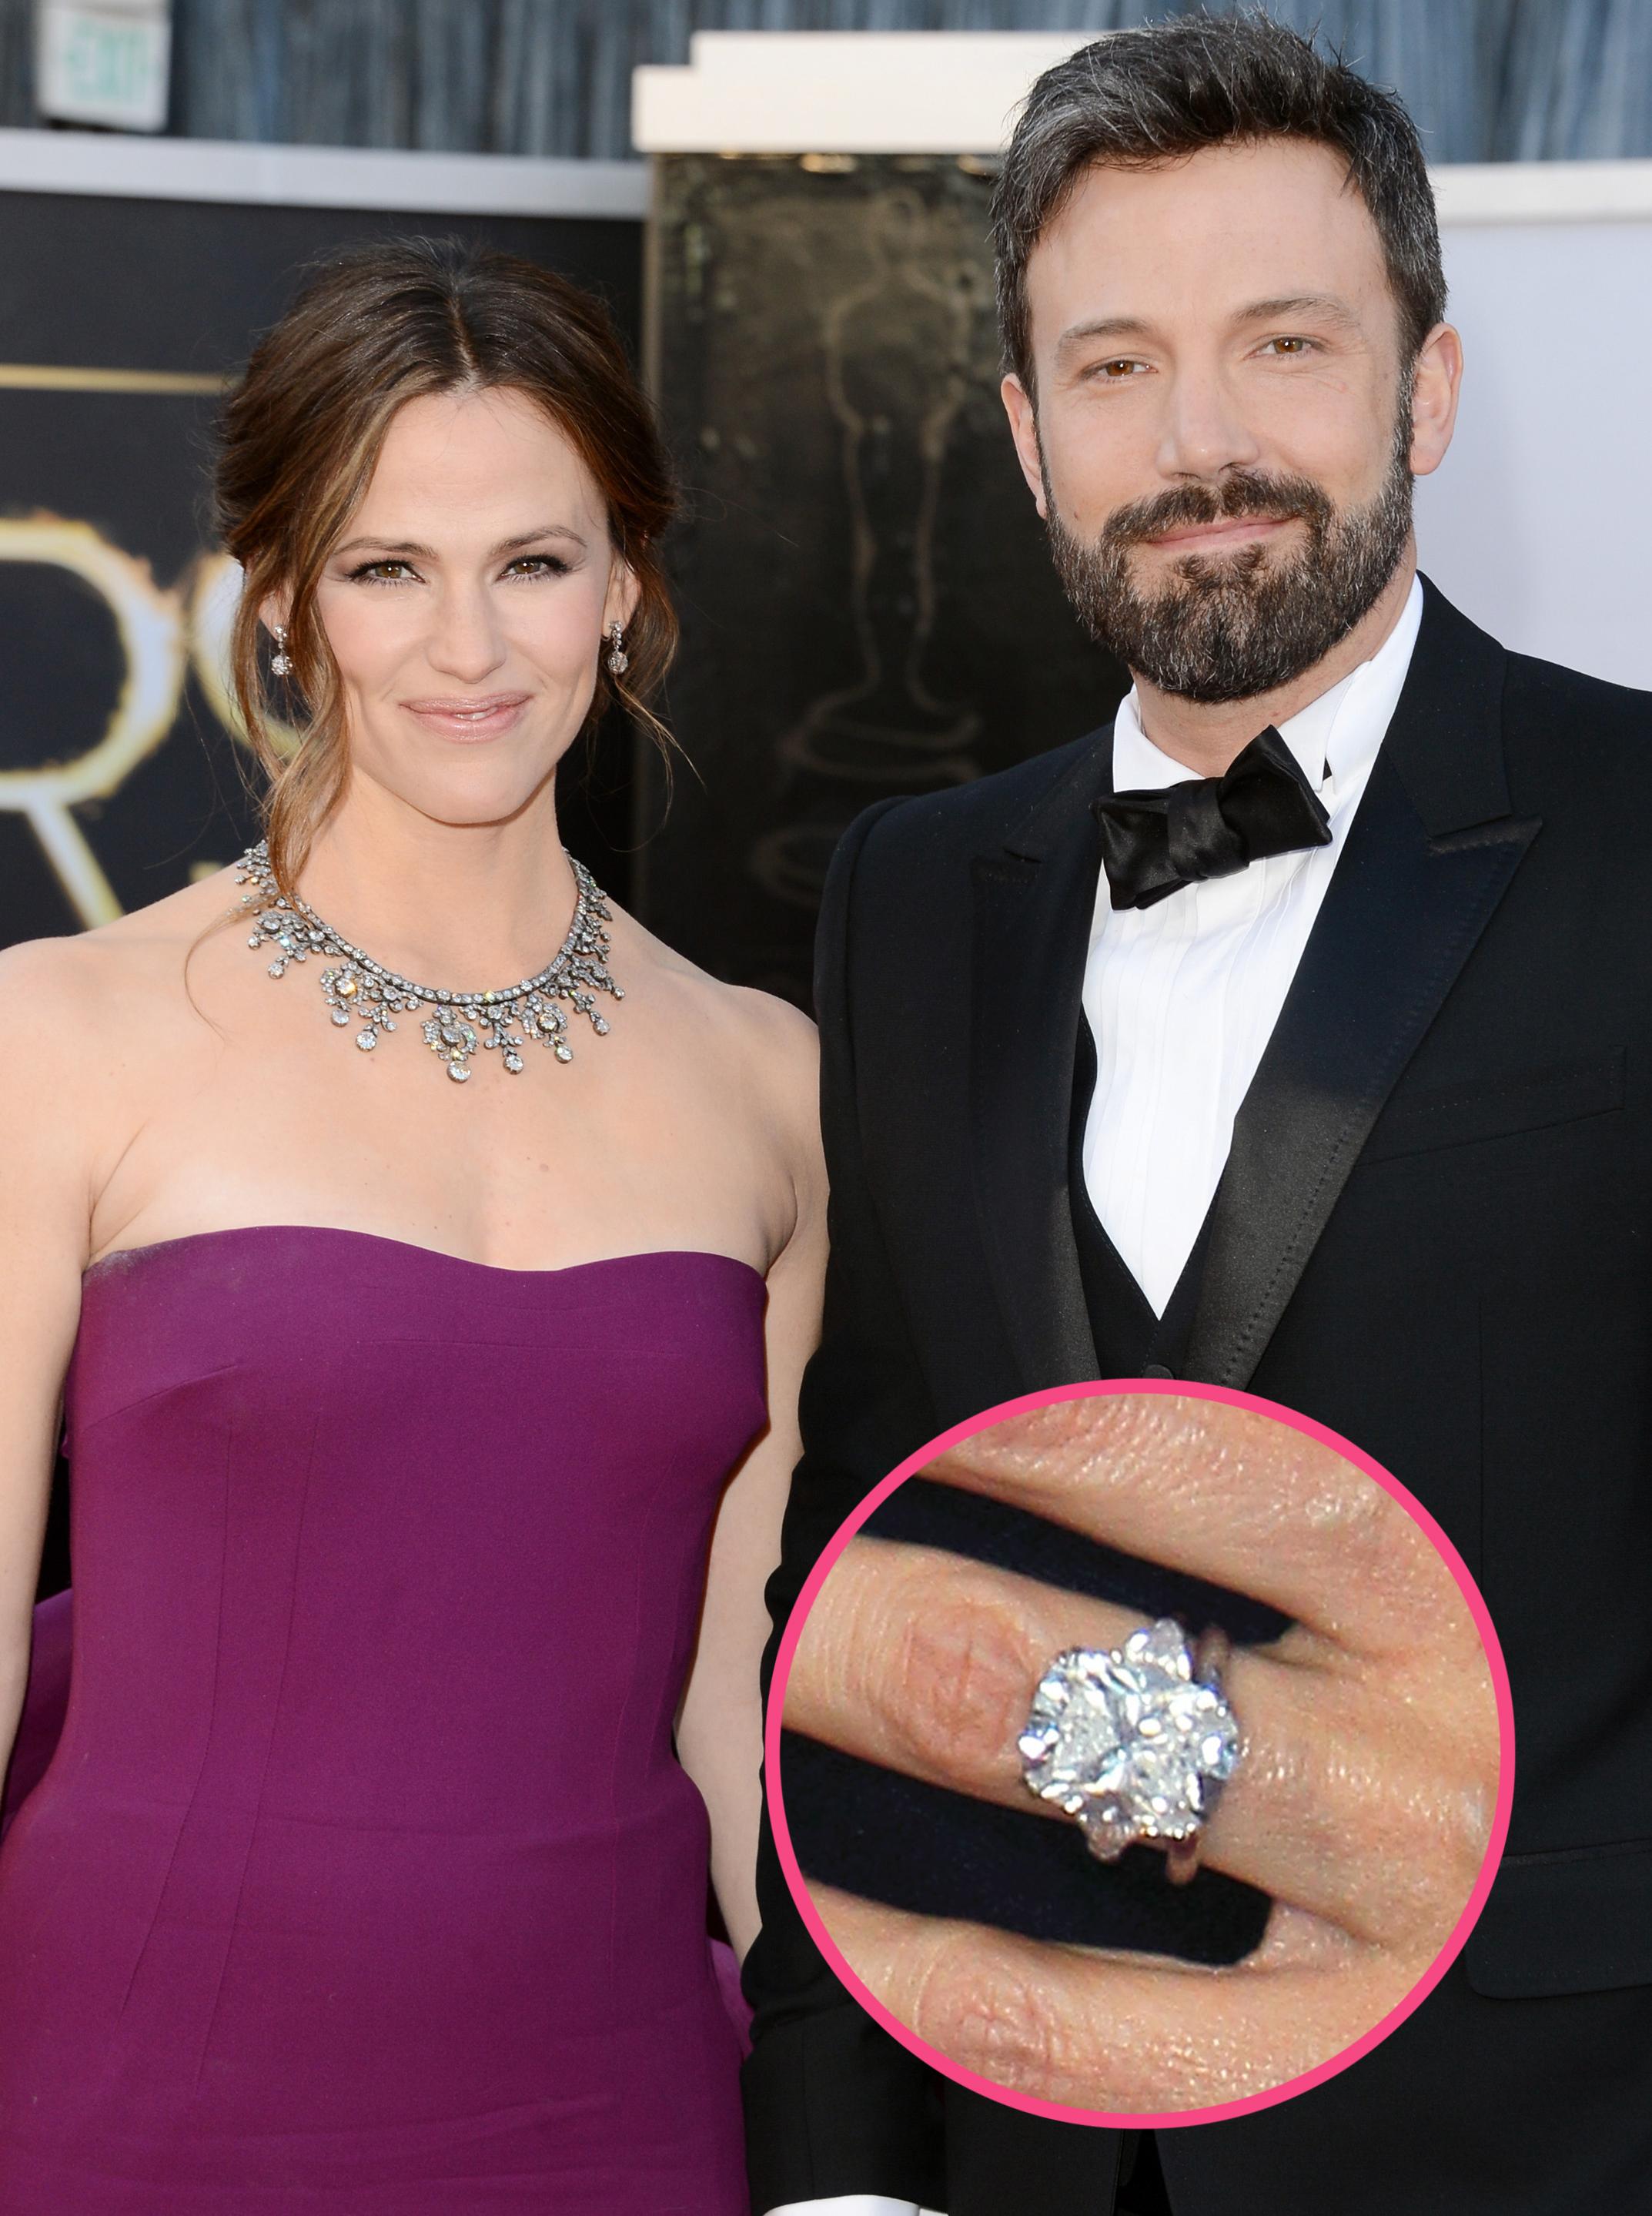 jennifer-garner-engagement-ring.jpg